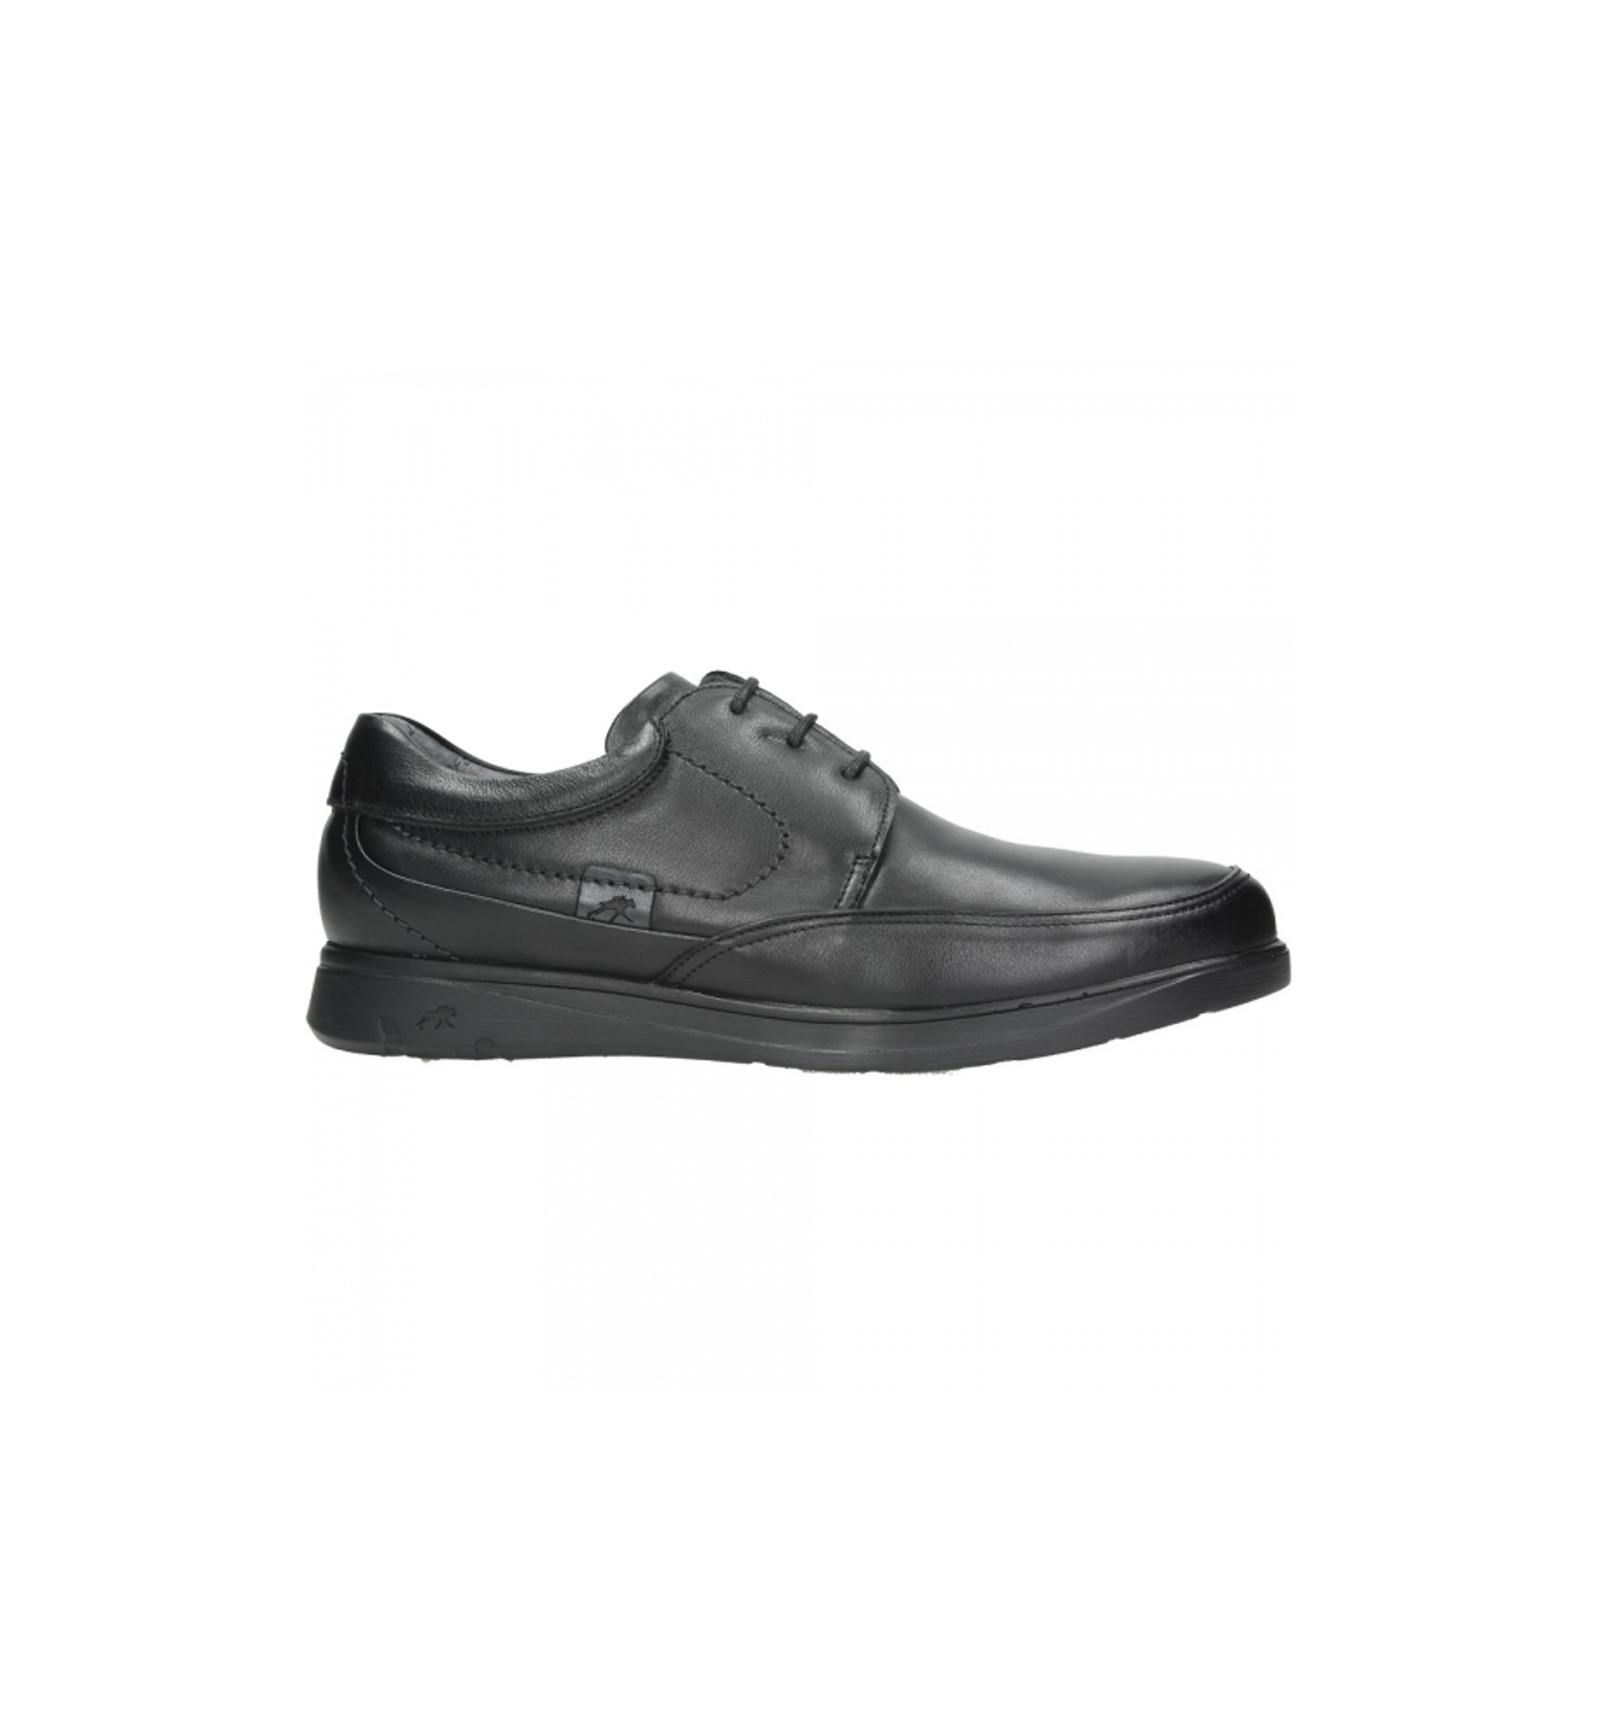 343ab885 Fluchos - Zapato profesional Camarero para hombre Cordones Cosido ...